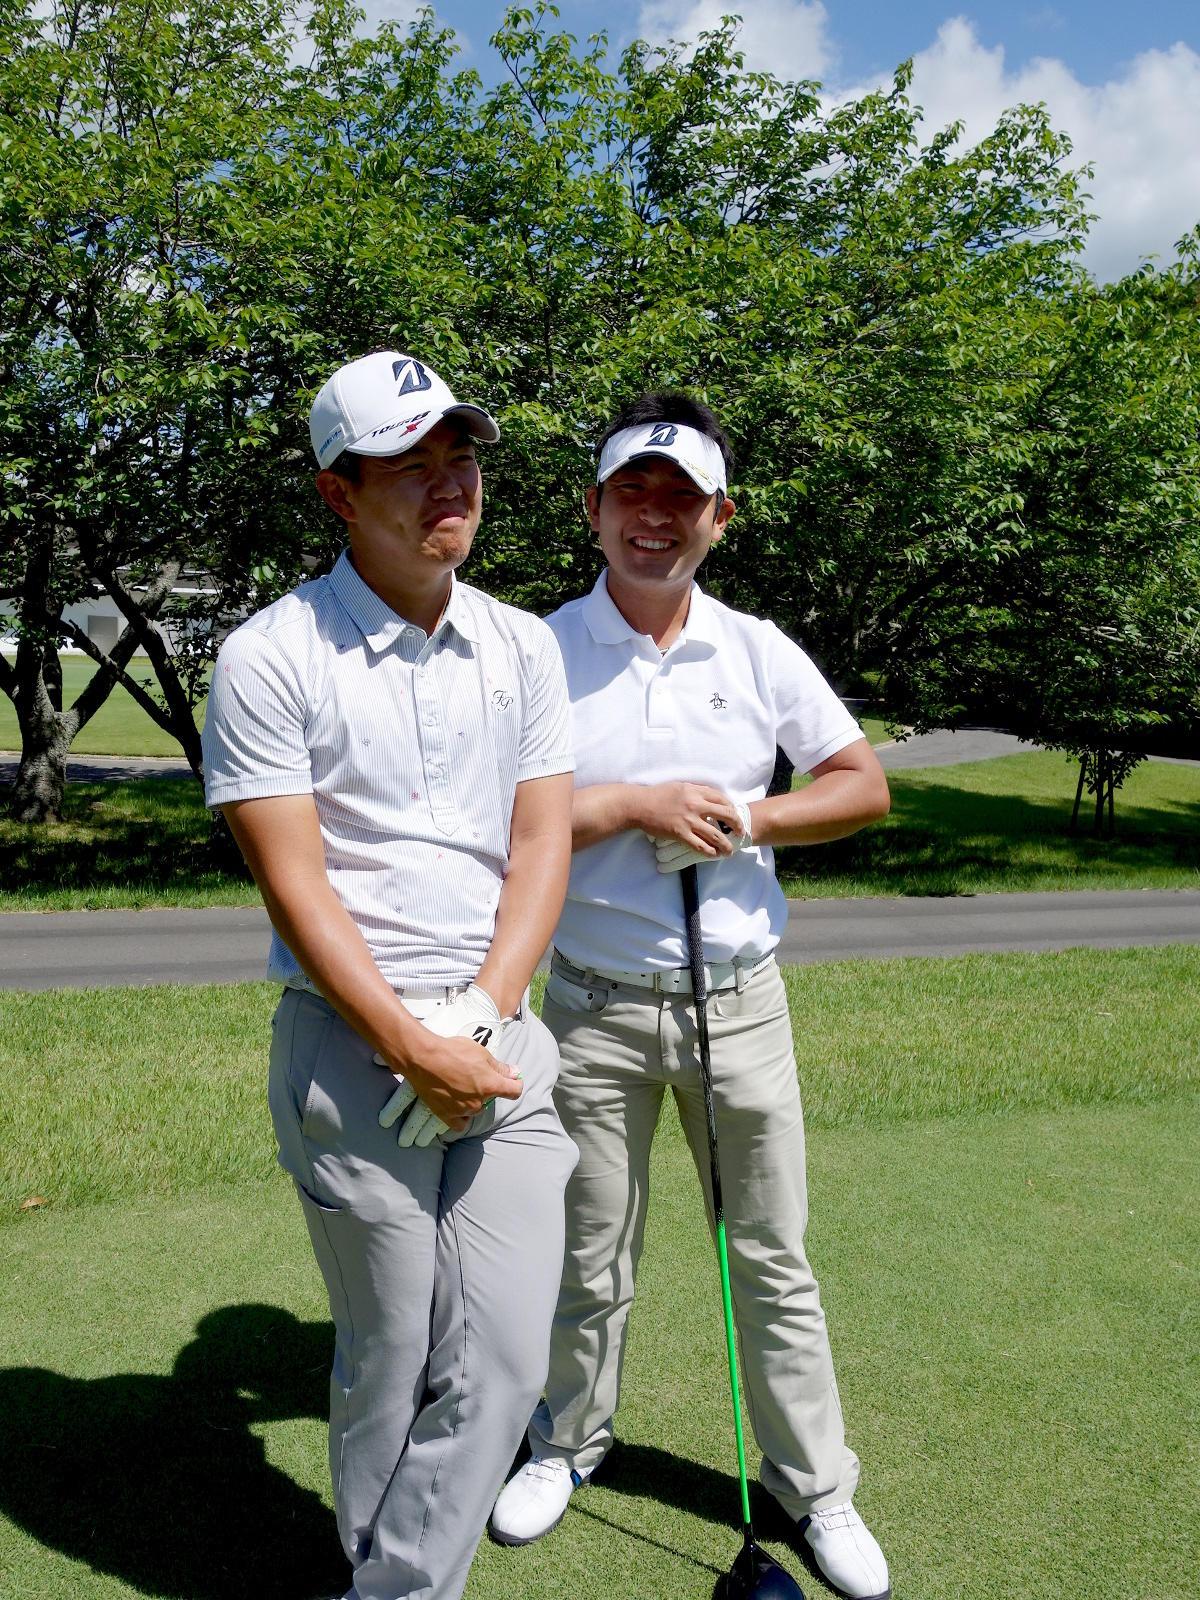 http://www.bs-golf.com/pro/f9073b794ee2f4522b55f7142c087e9594ec1ae1.JPG